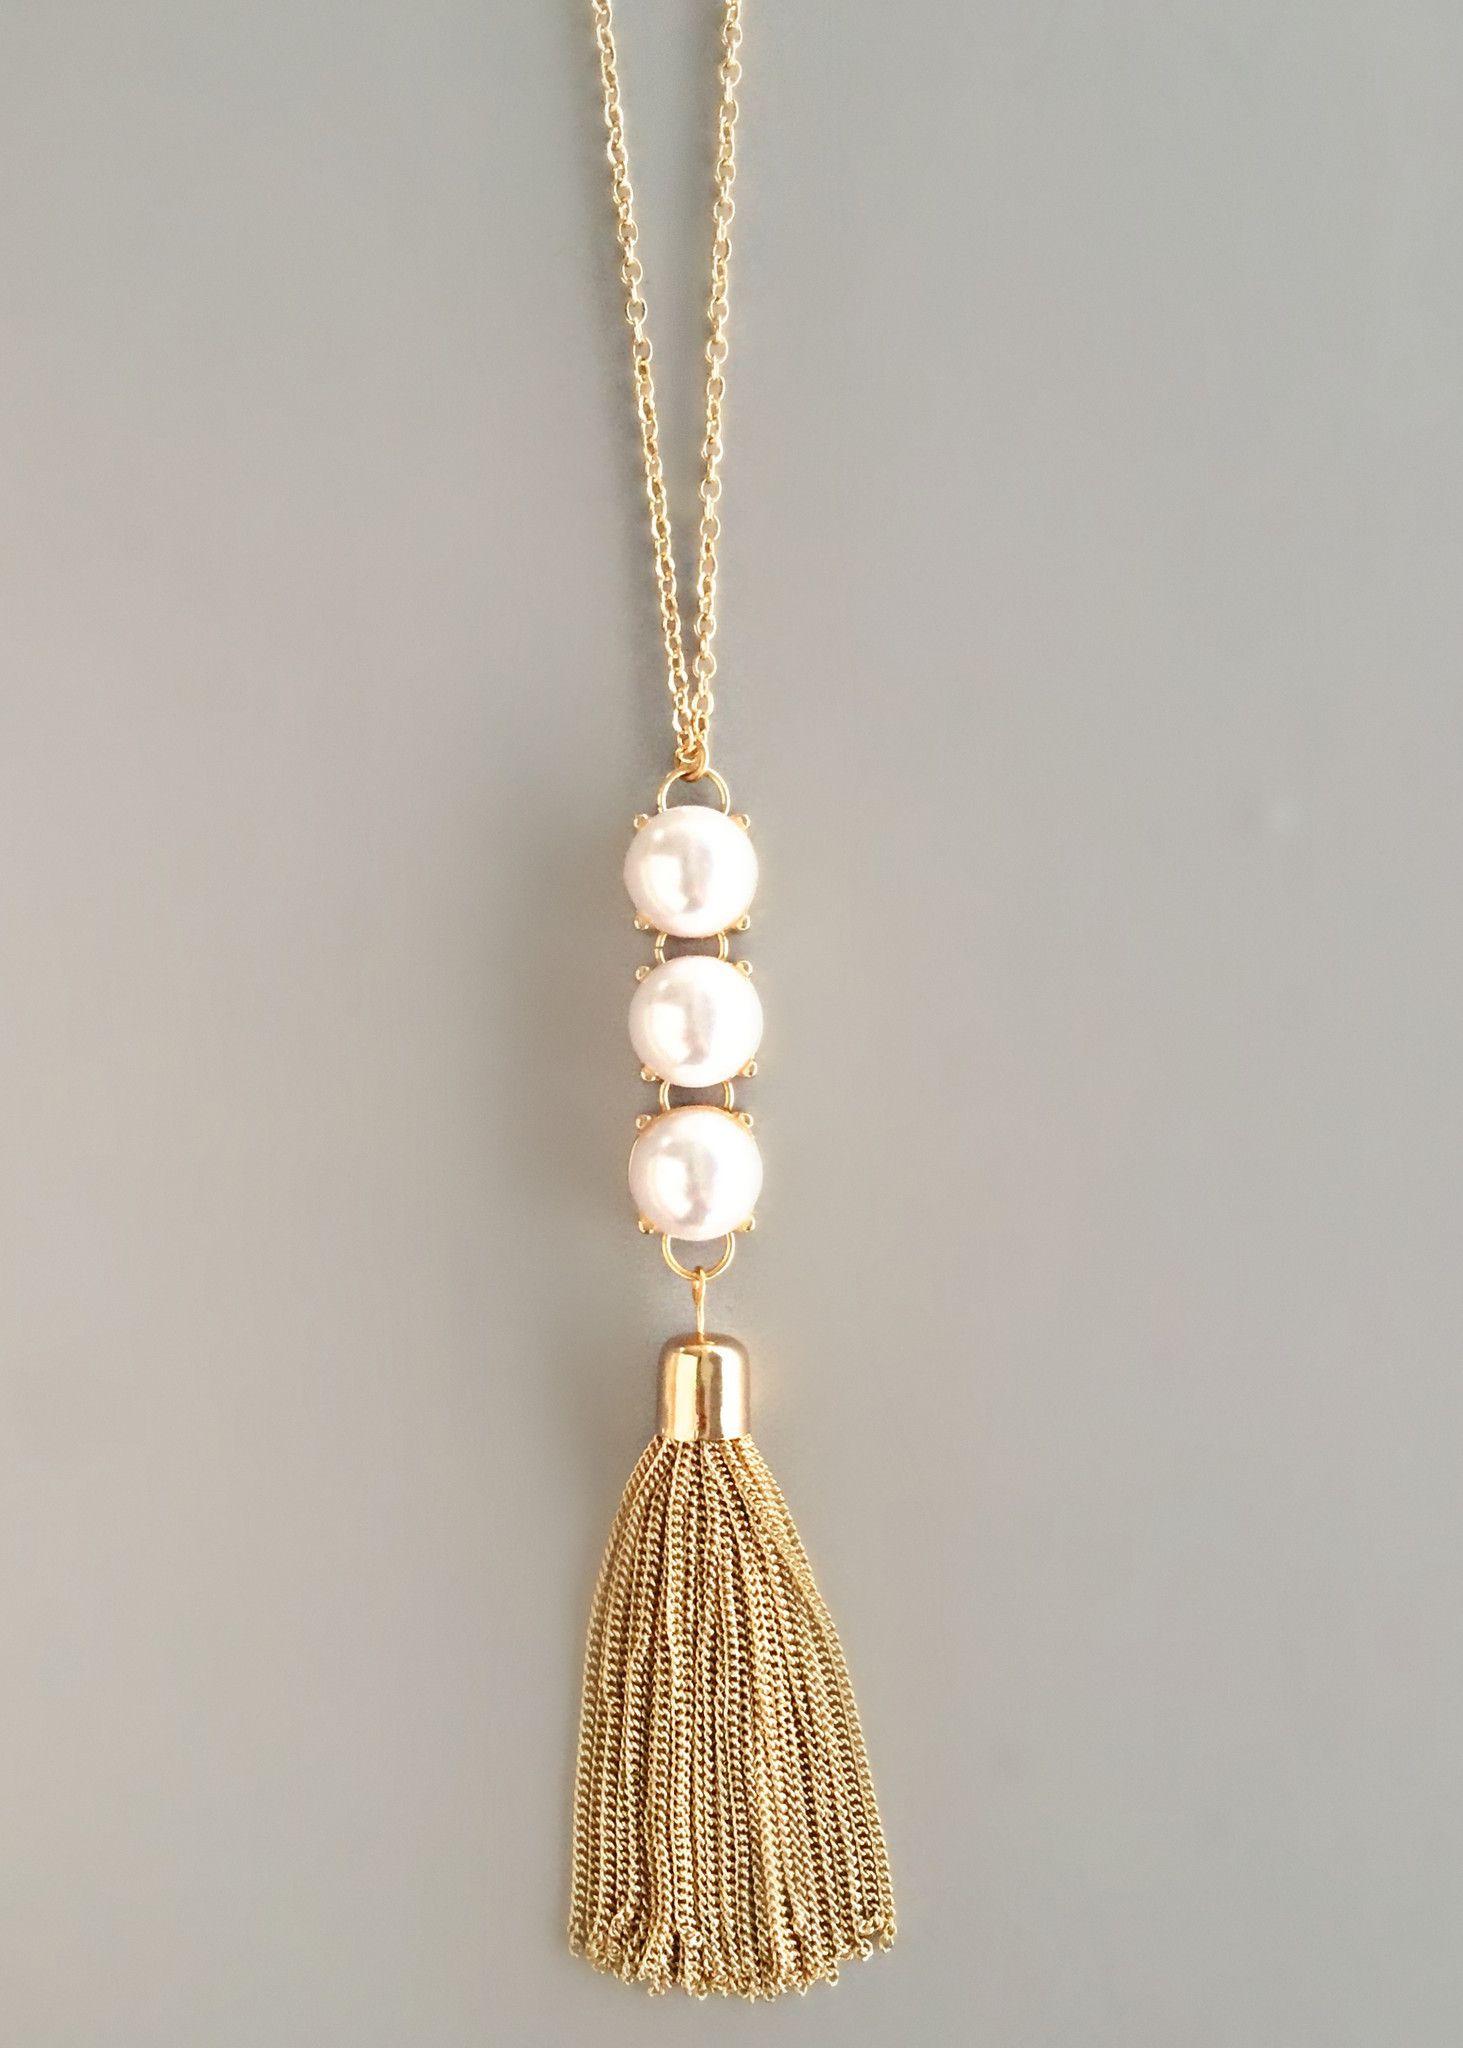 1a094c38b2a5 Cadenas y perlas